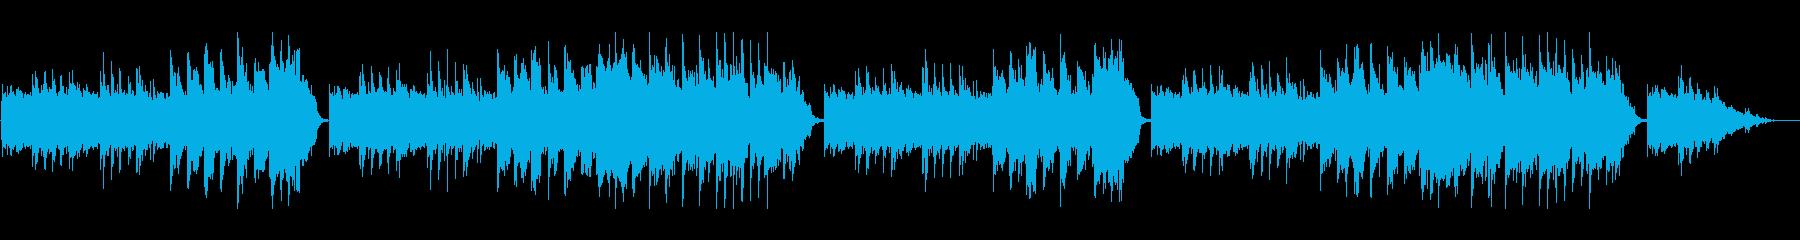 音が響き渡る洞窟の中の再生済みの波形